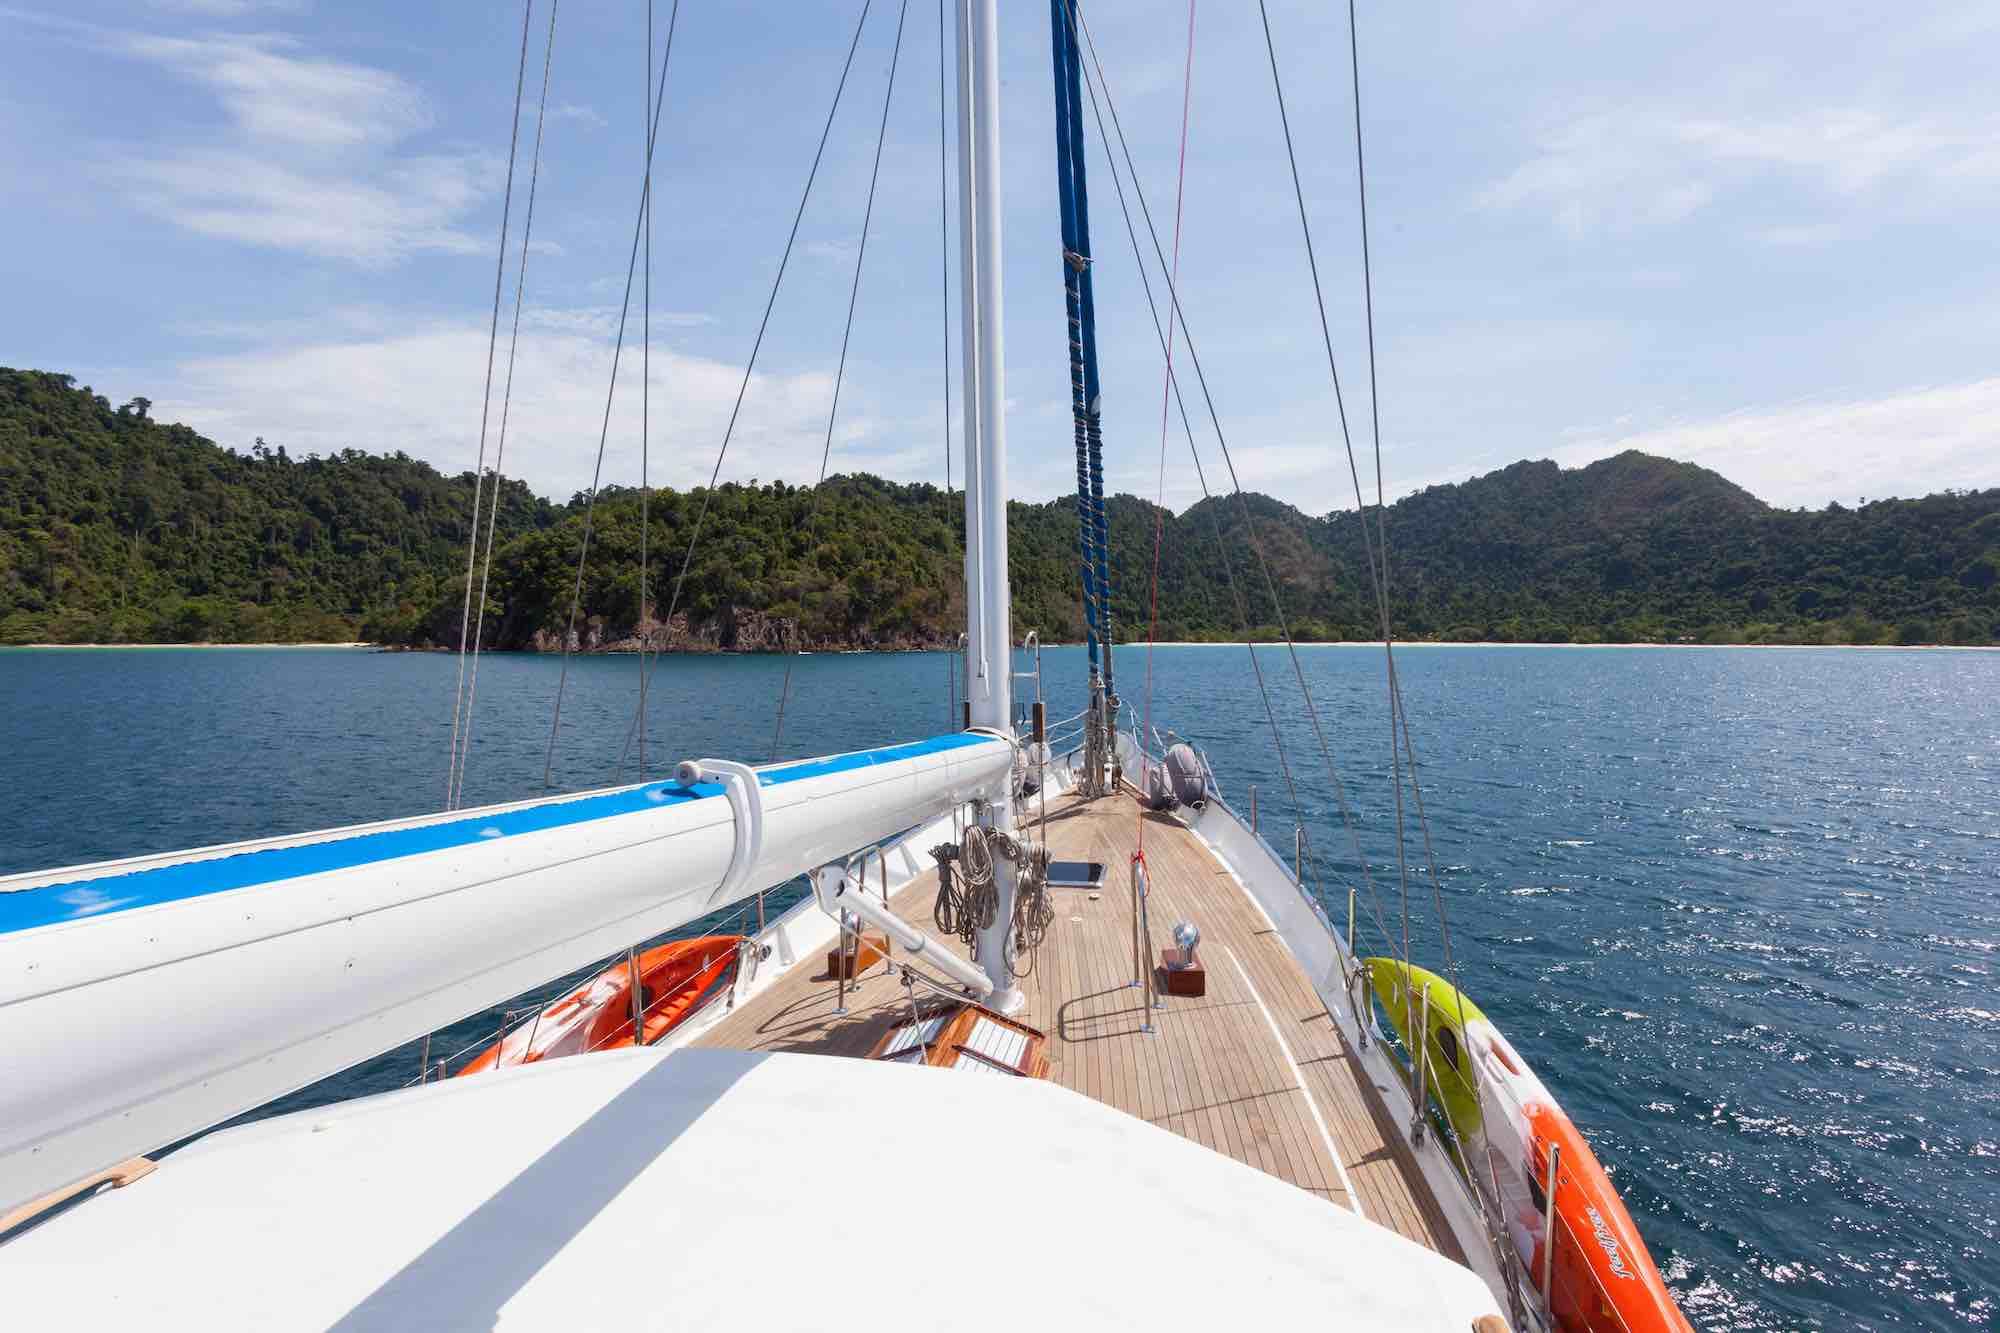 Jubilaeum_long shot of the deck sailing in Myanmar's Mergui_XS.jpeg